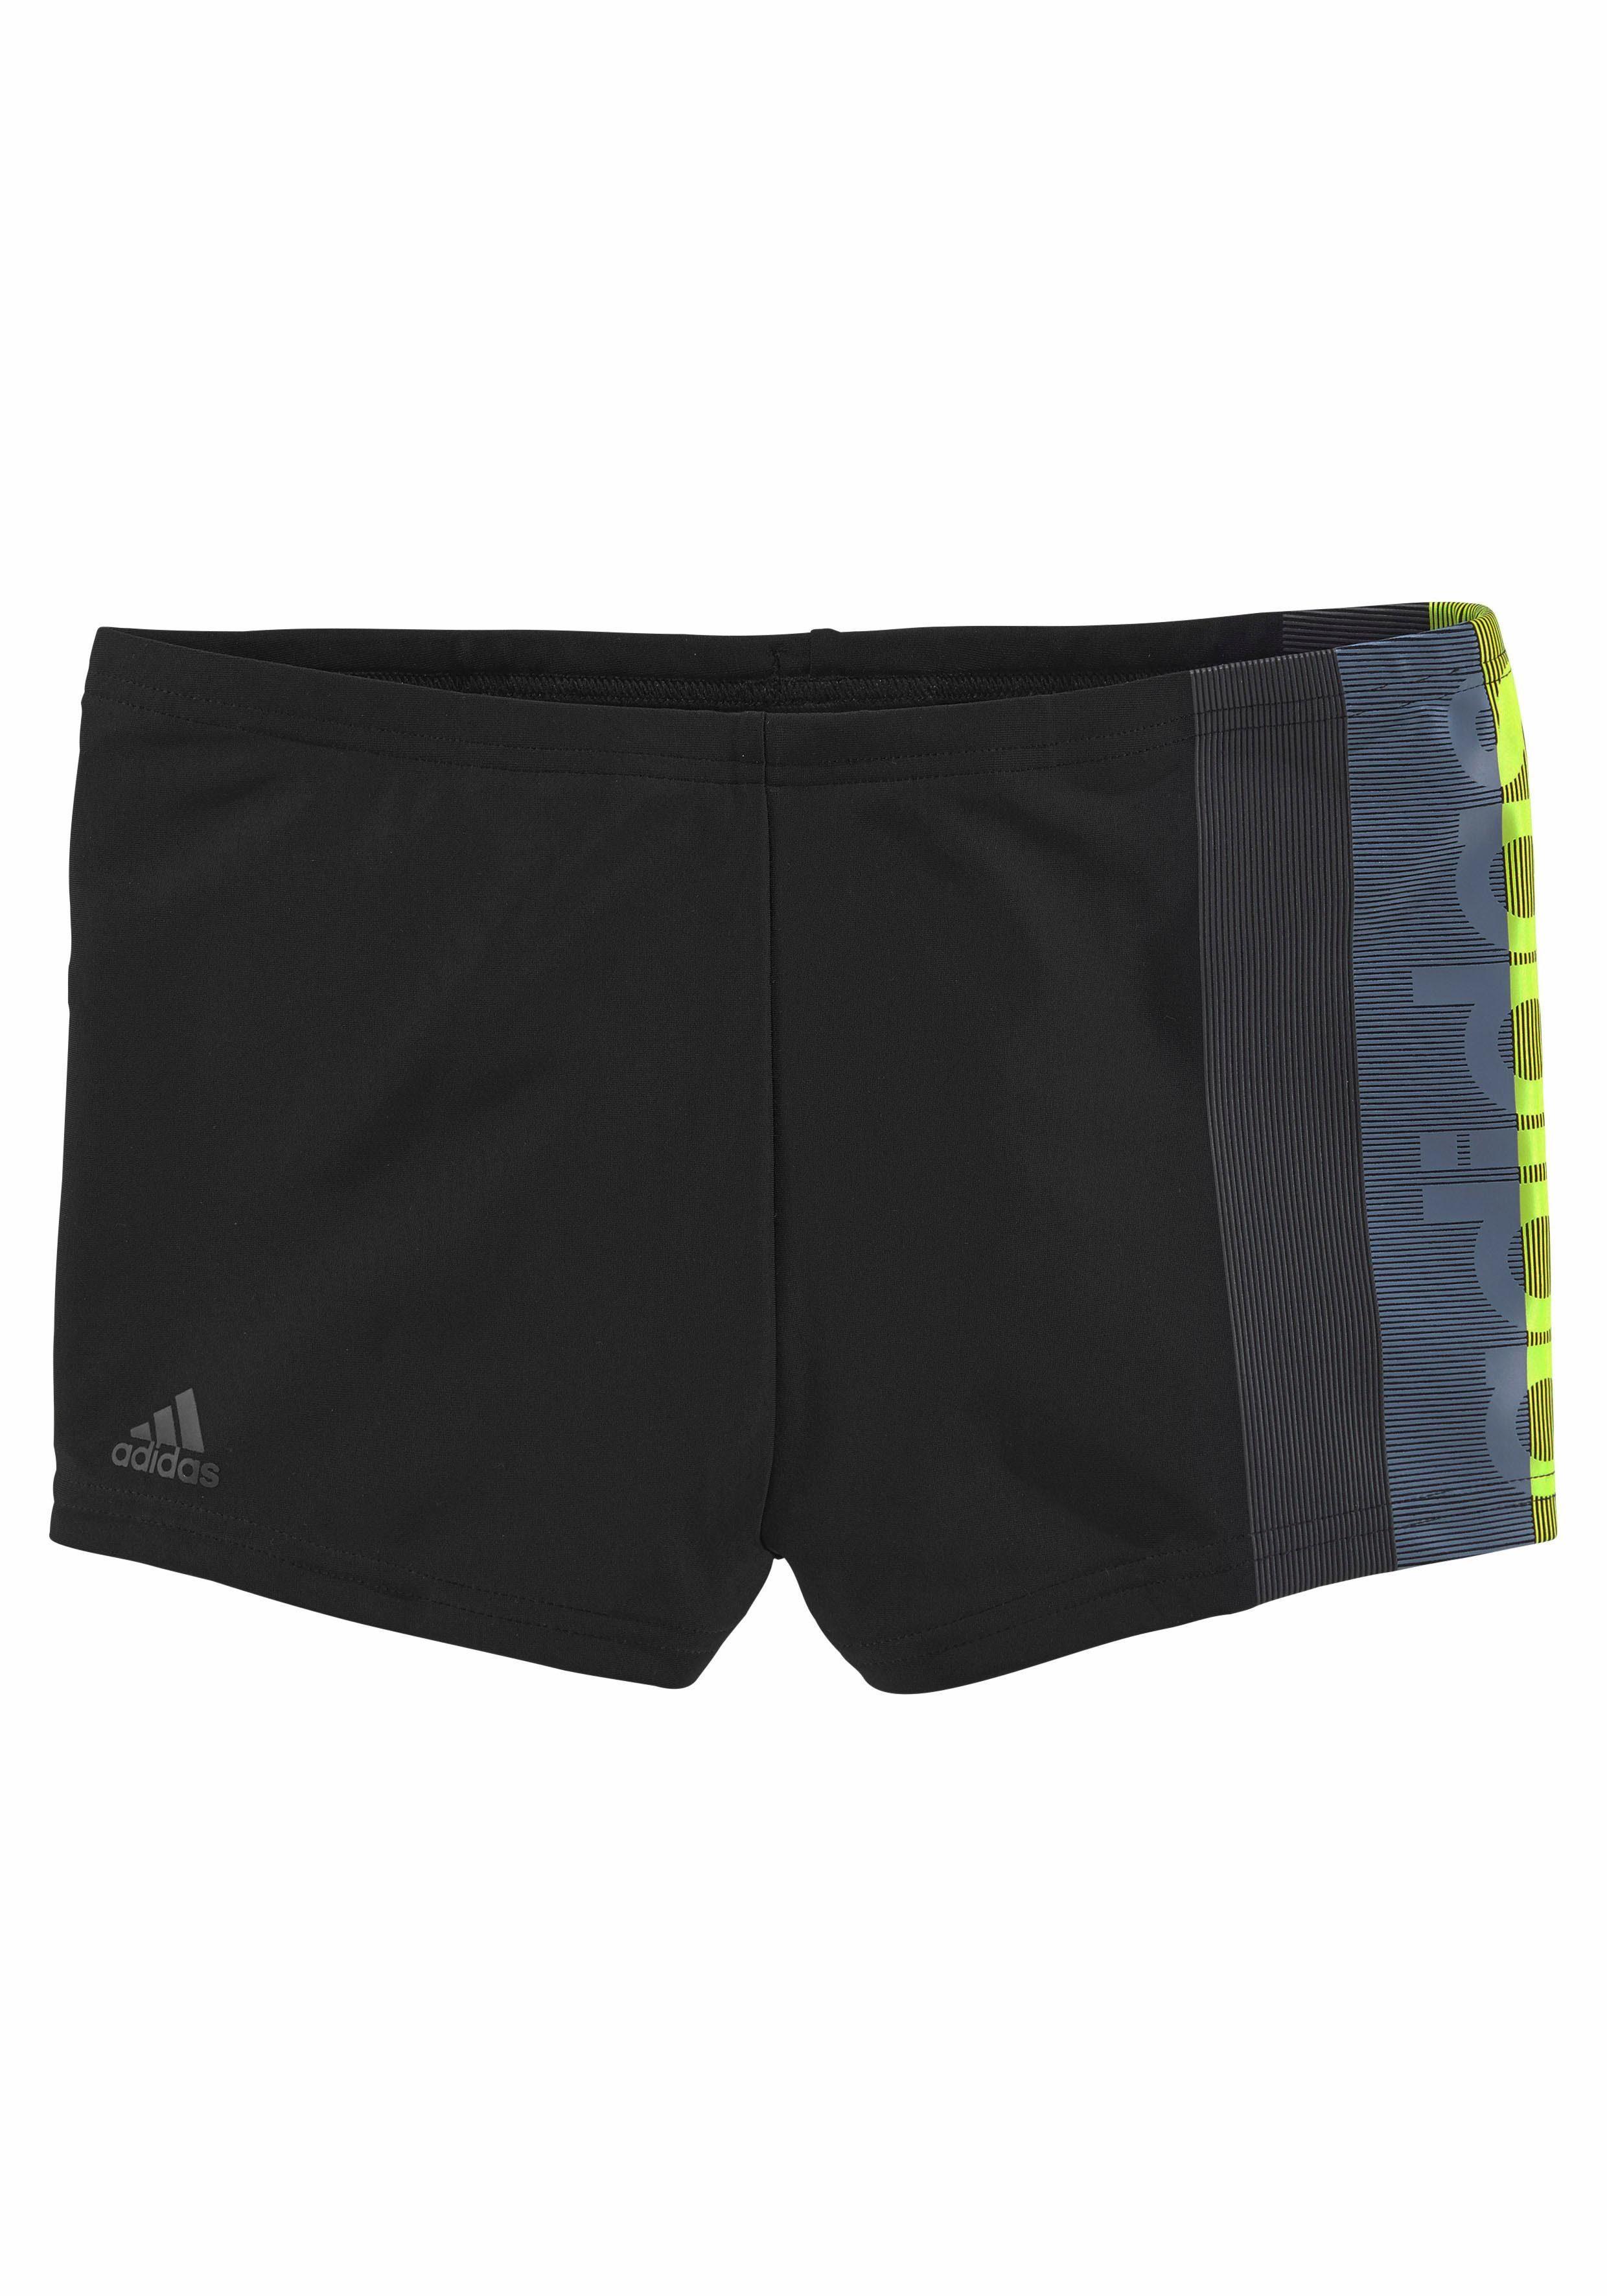 adidas Performance Boxer-Badehose »Ivan«, mit seitlichen Adidas Druck